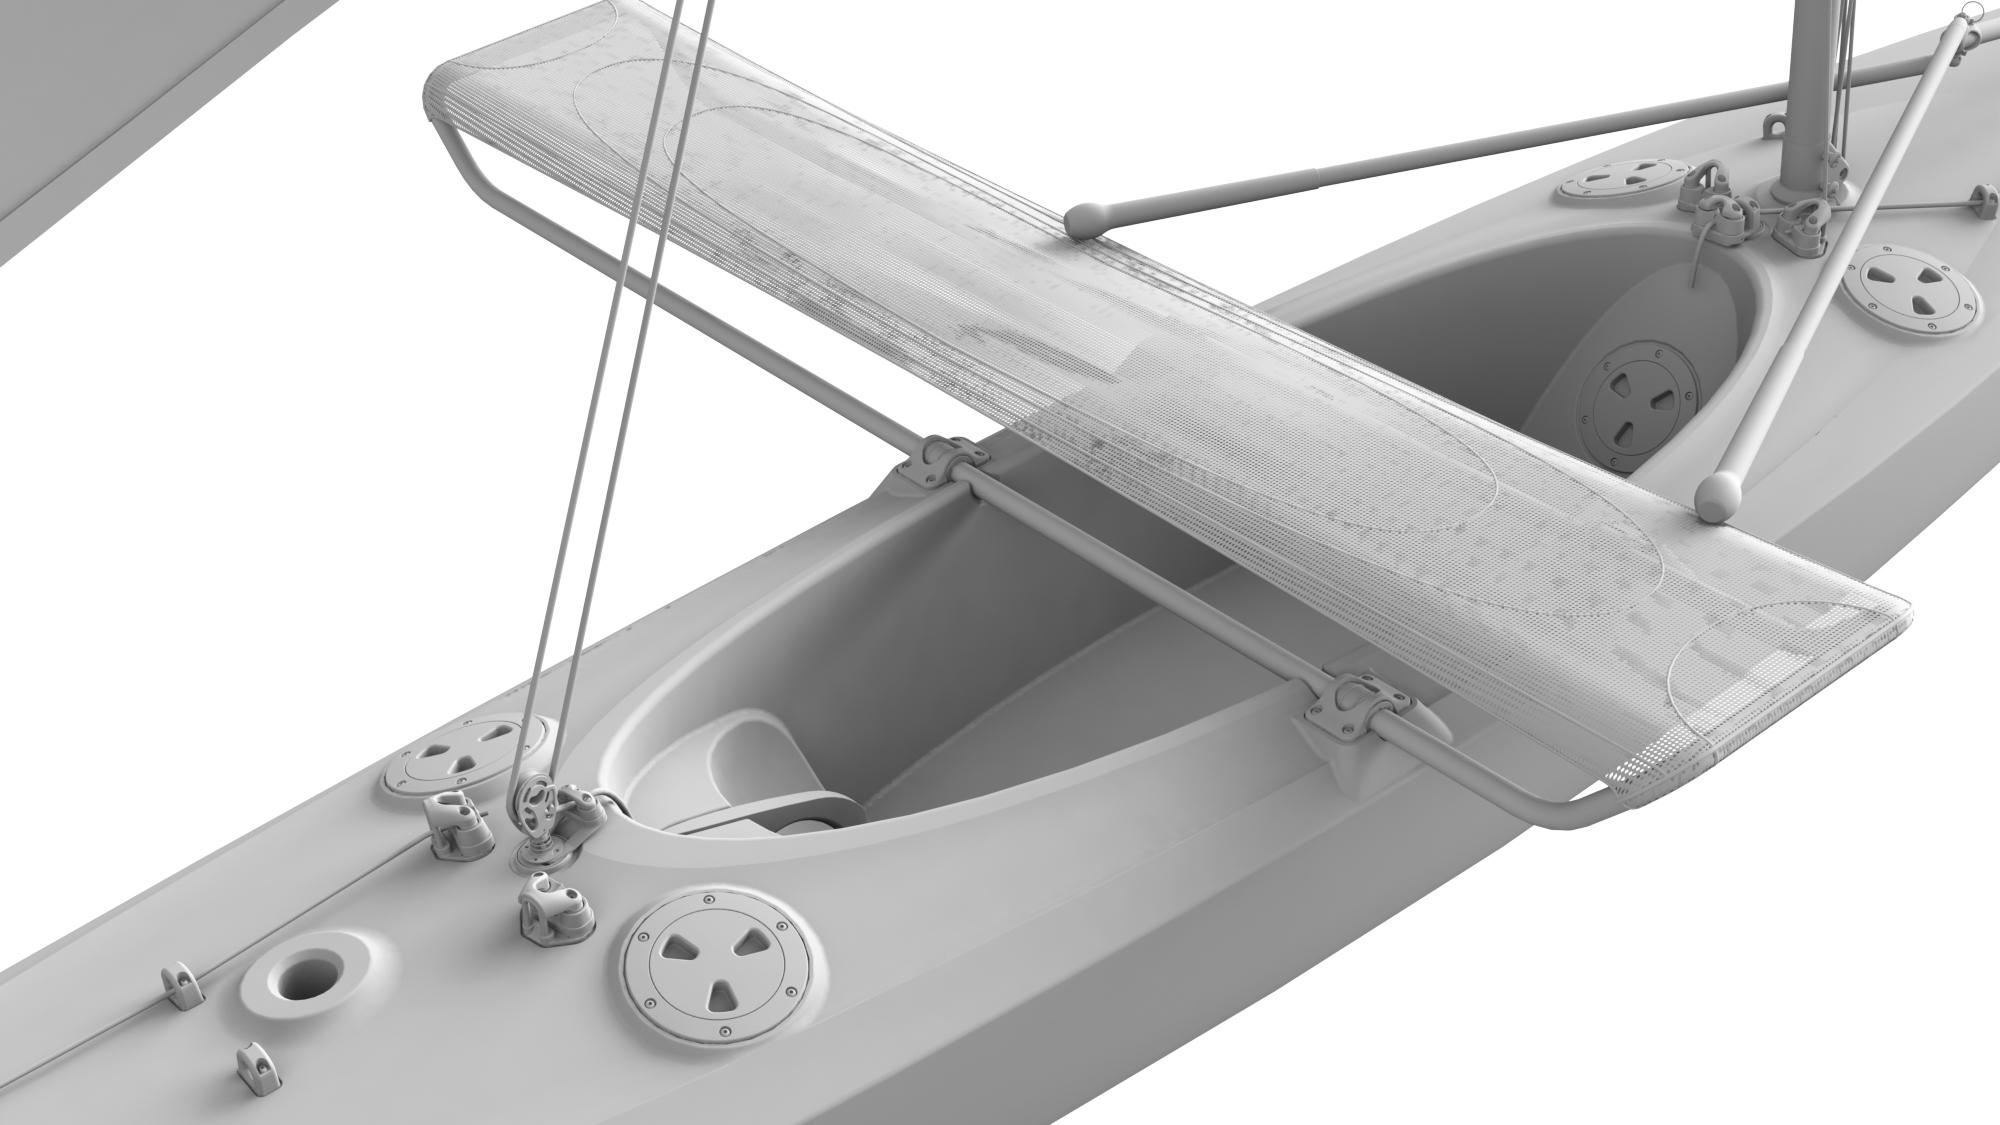 sail-canoe-cropped-5.jpg